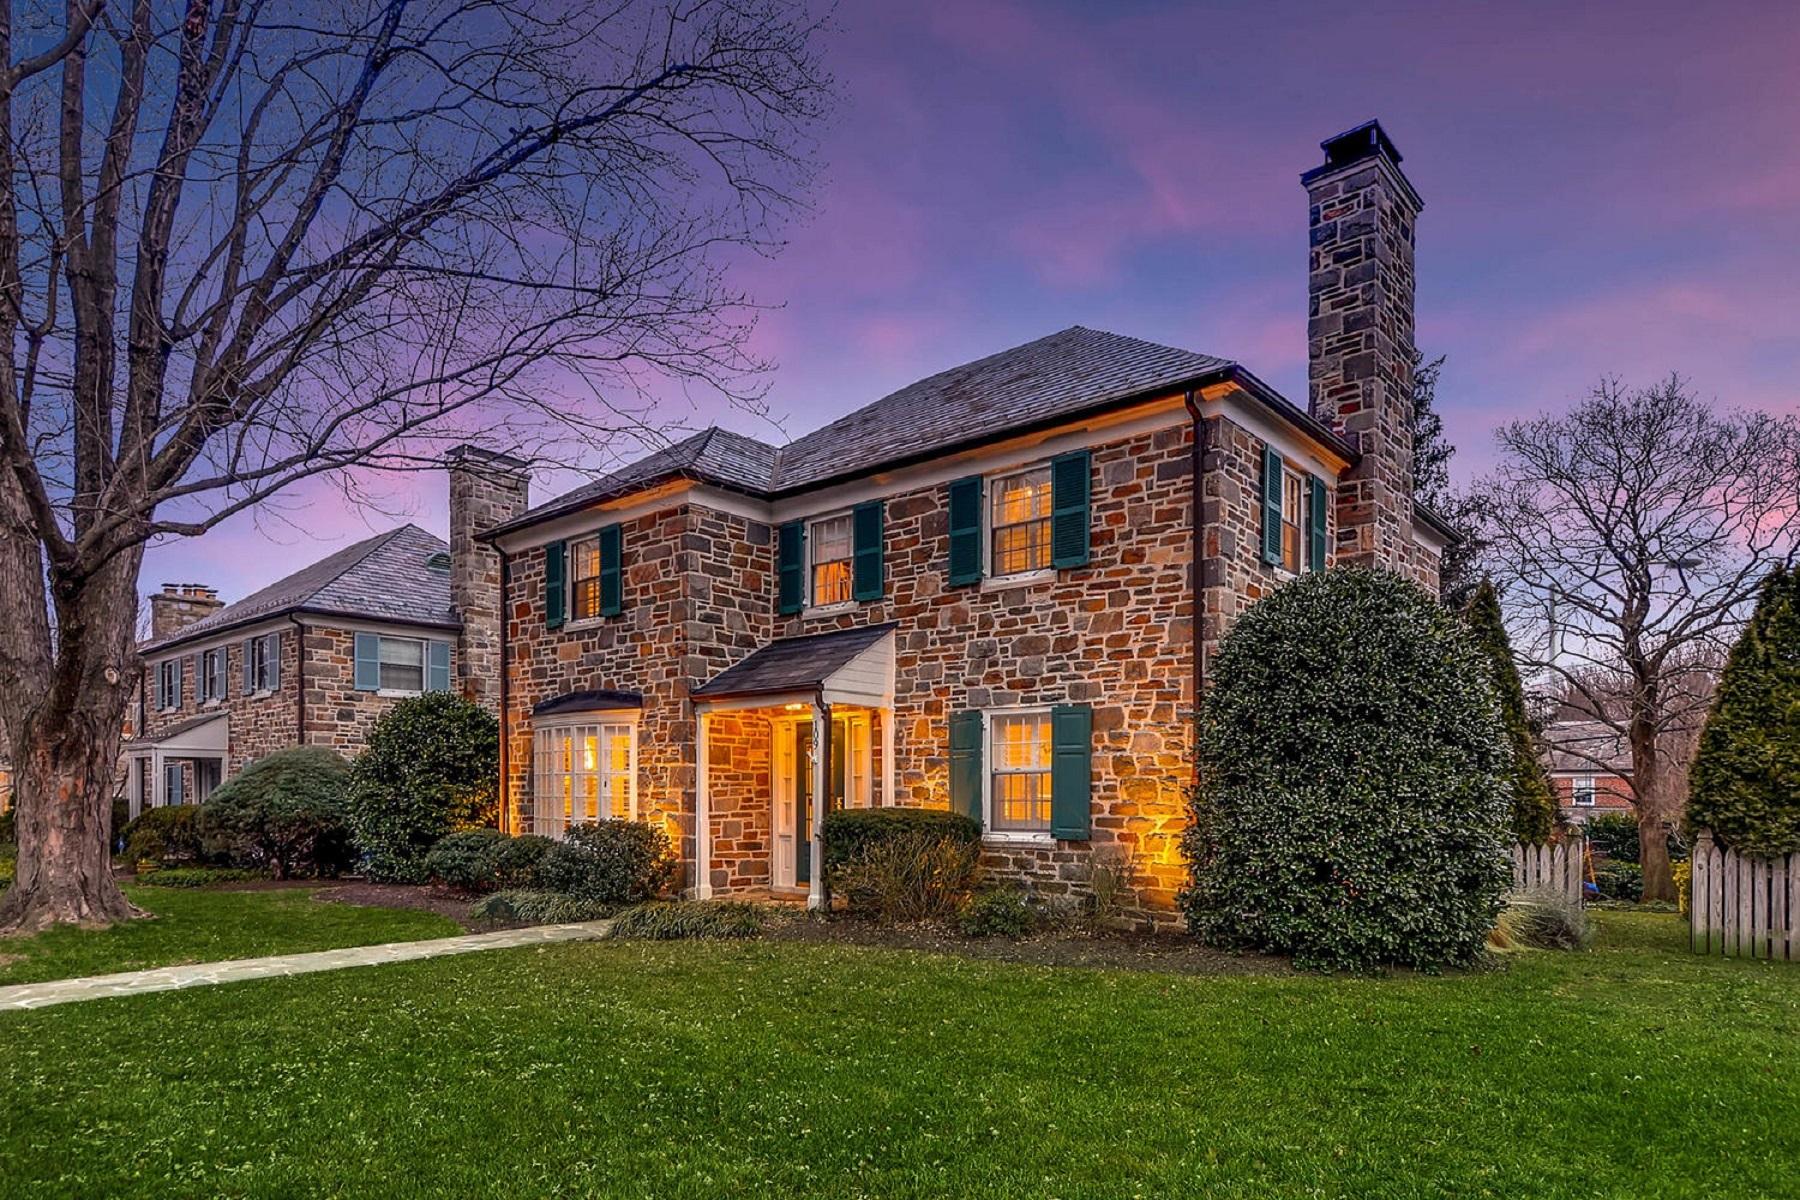 独户住宅 为 销售 在 Homeland 109 Croydon Road, Homeland, 巴尔的摩, 马里兰州, 21212 美国